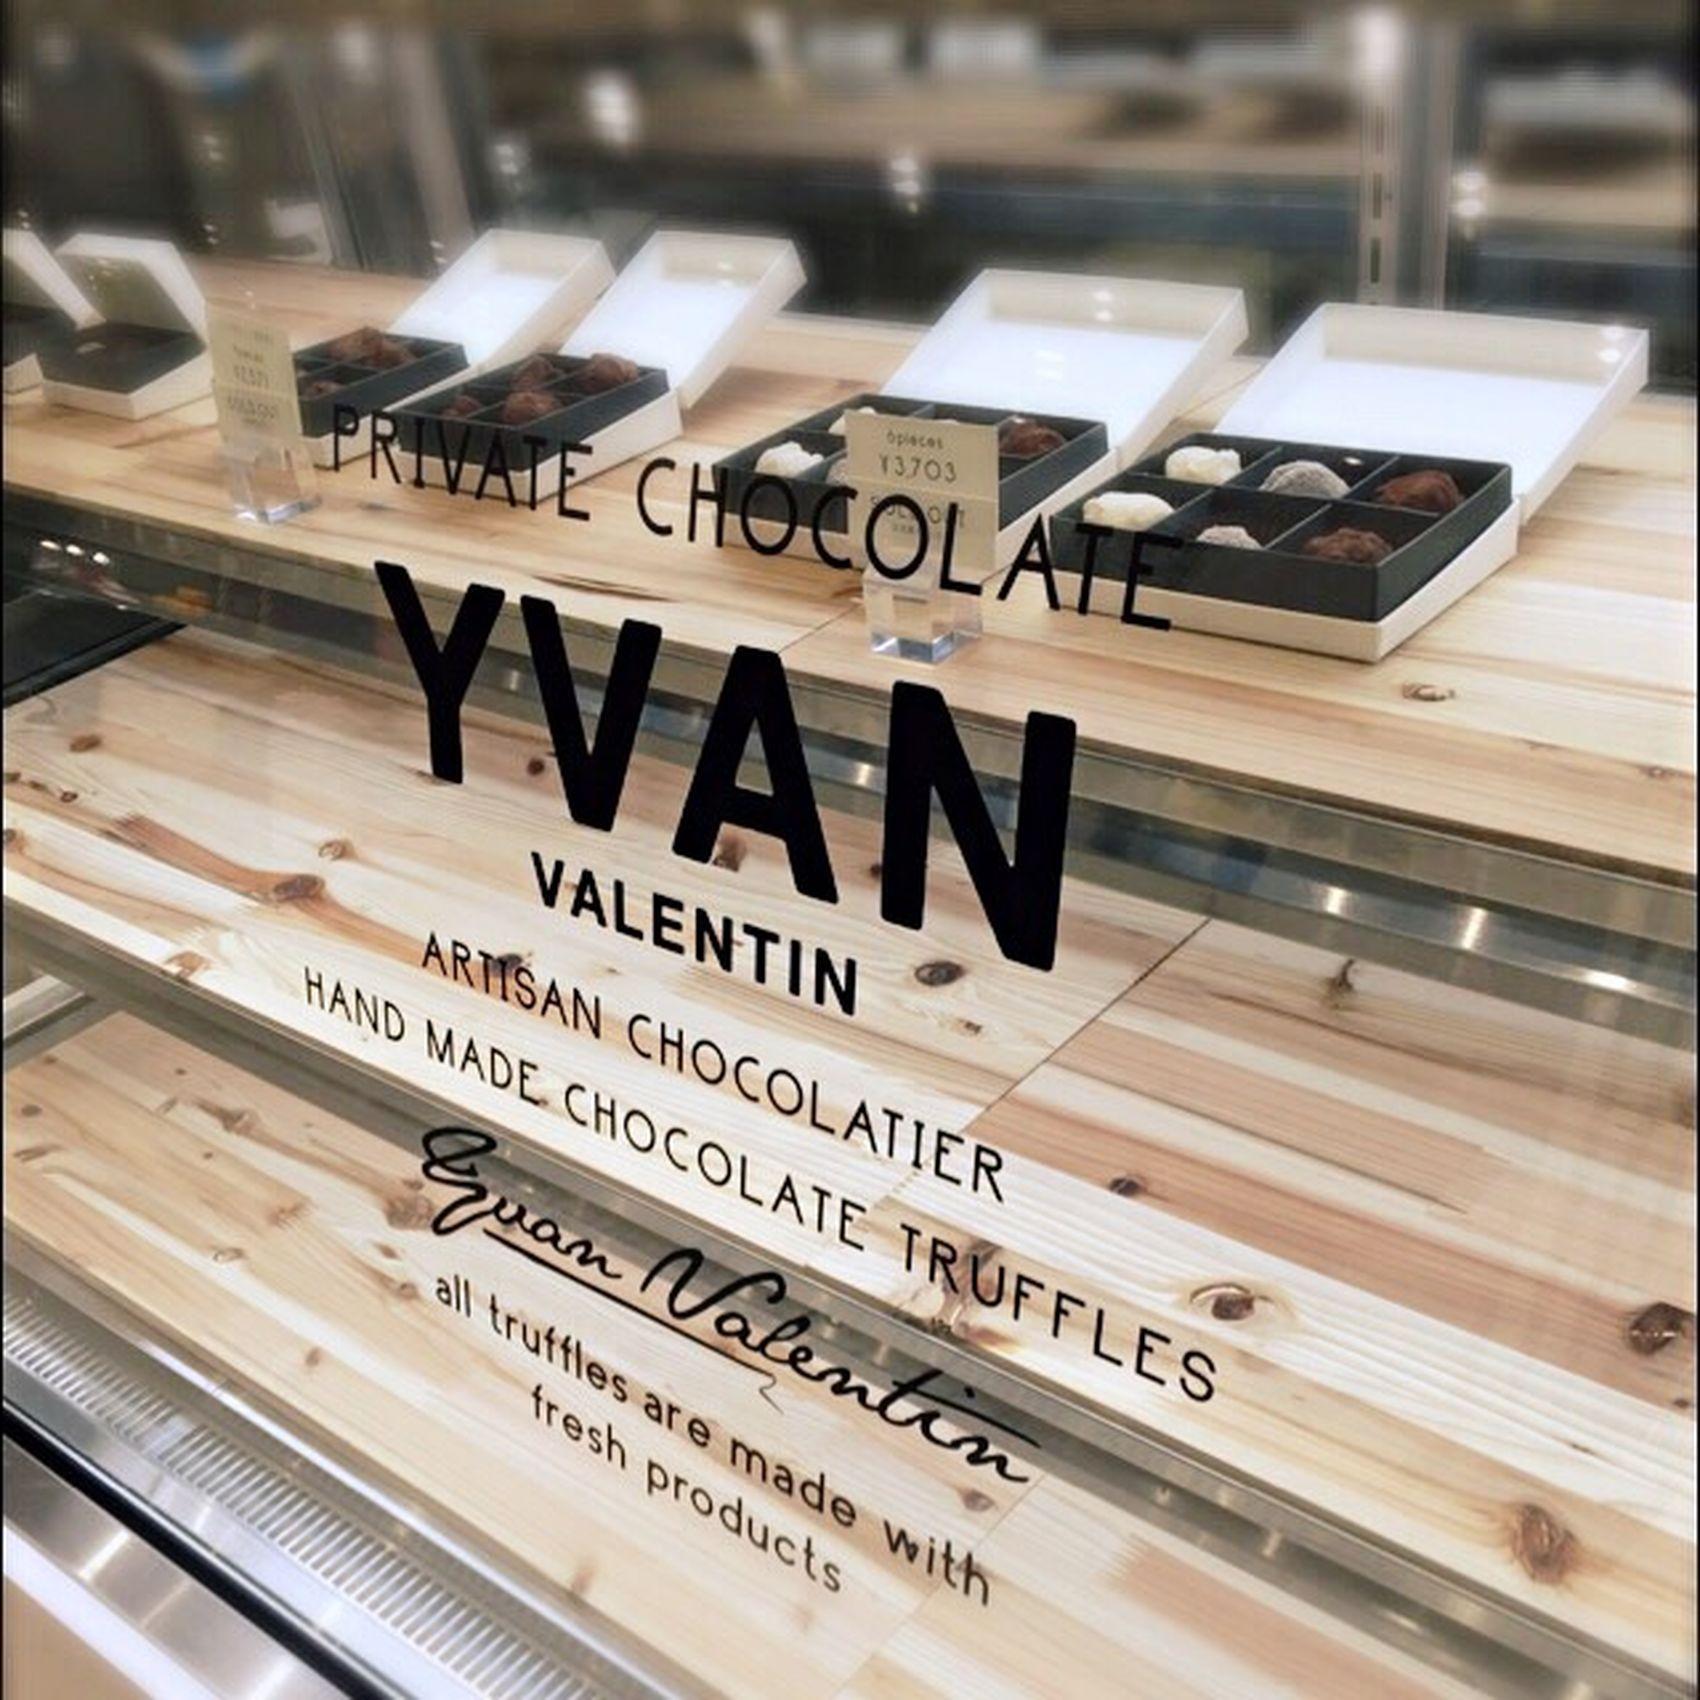 幻のチョコレート Chocolate Shop Yvan Valentin 限定ショップ 神戸大丸